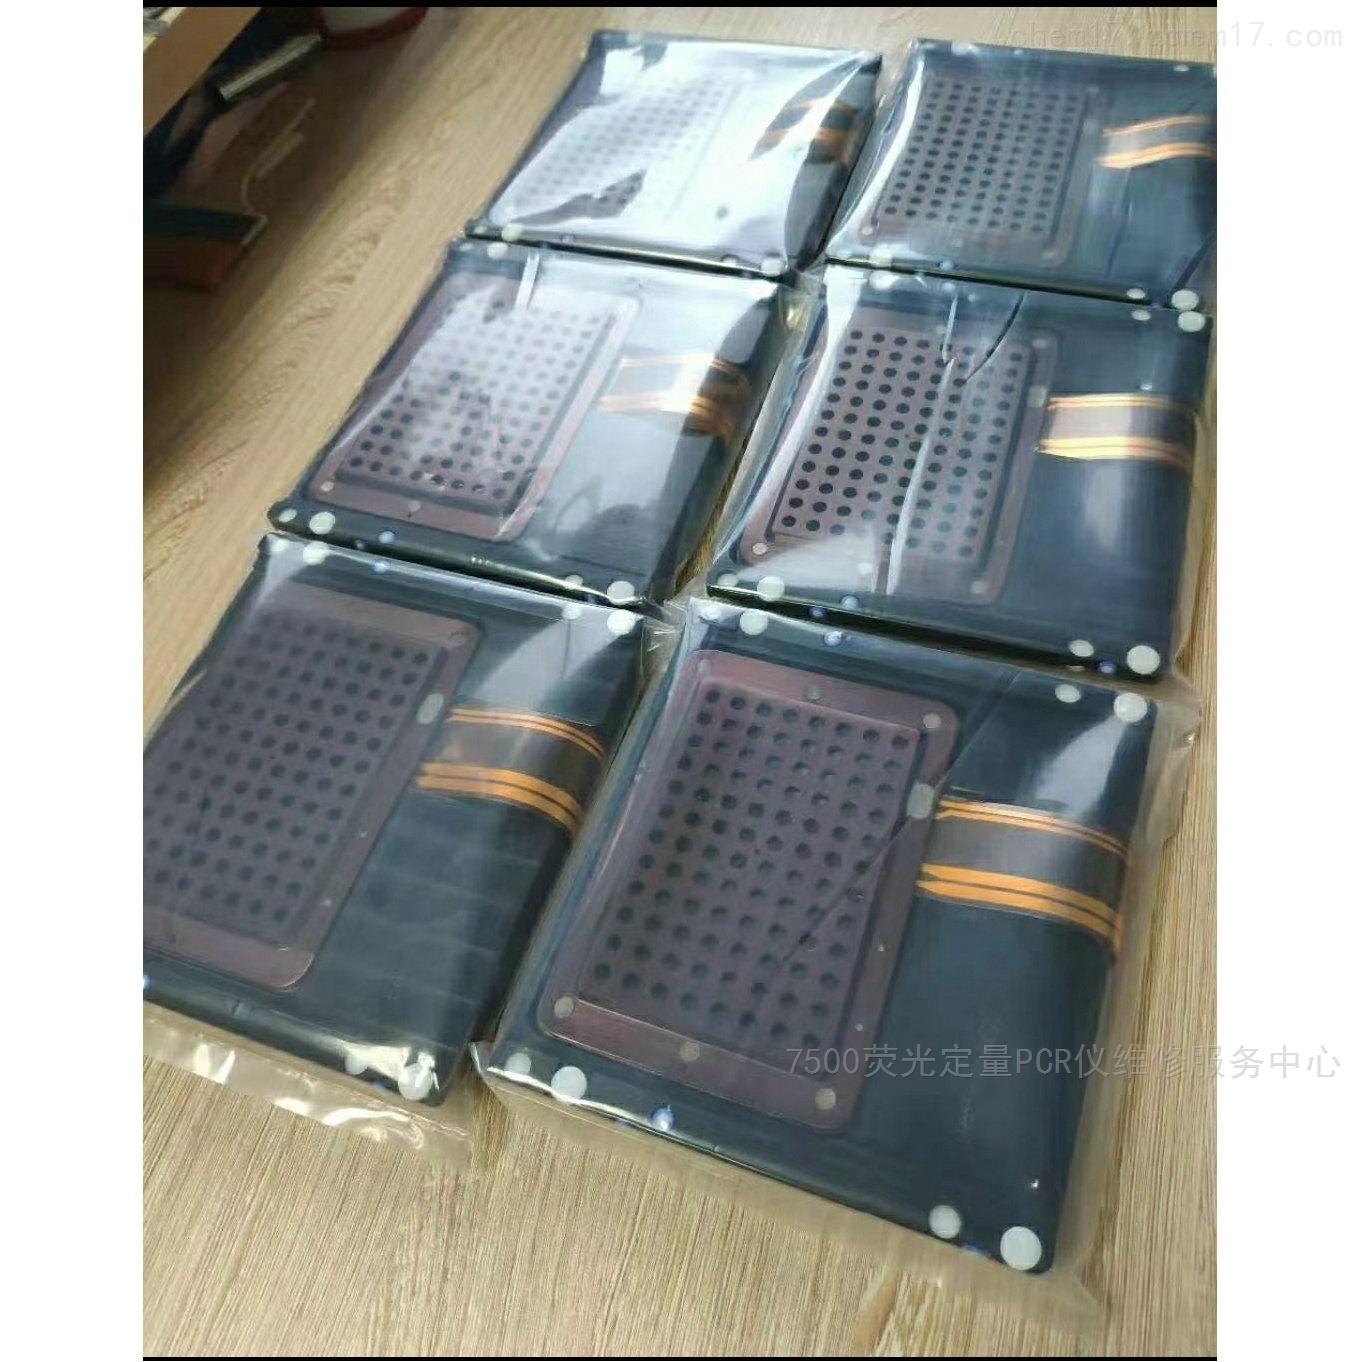 abi7500PCR仪热盖